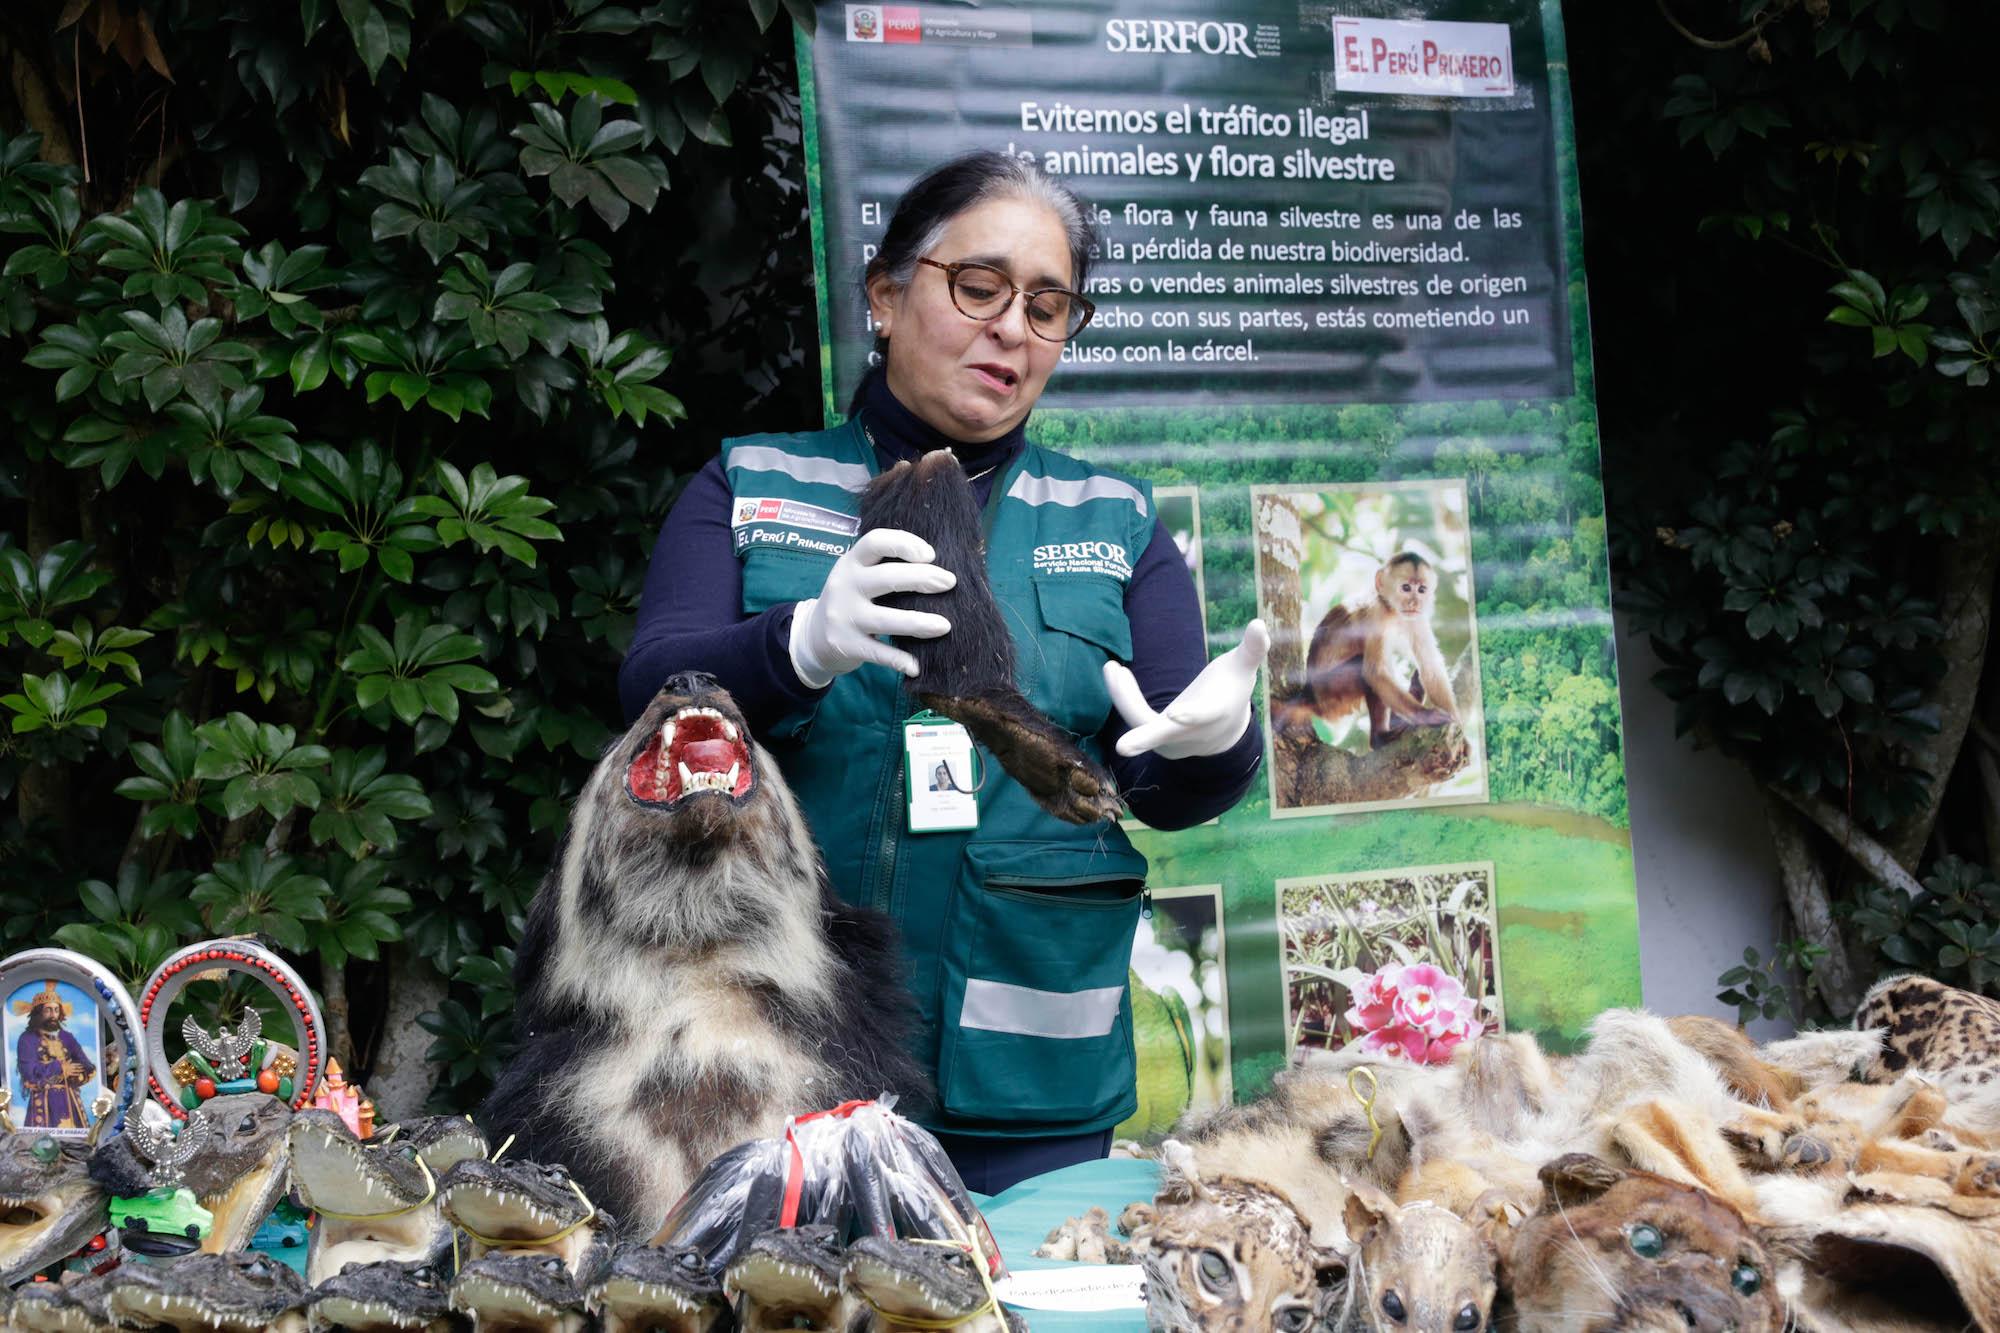 Más de mil animales y piezas de ellos procedentes del tráfico de fauna silvestre fueron presentados por el Servicio Nacional de Flora y Fauna SIlvestre. Foto: Serfor.